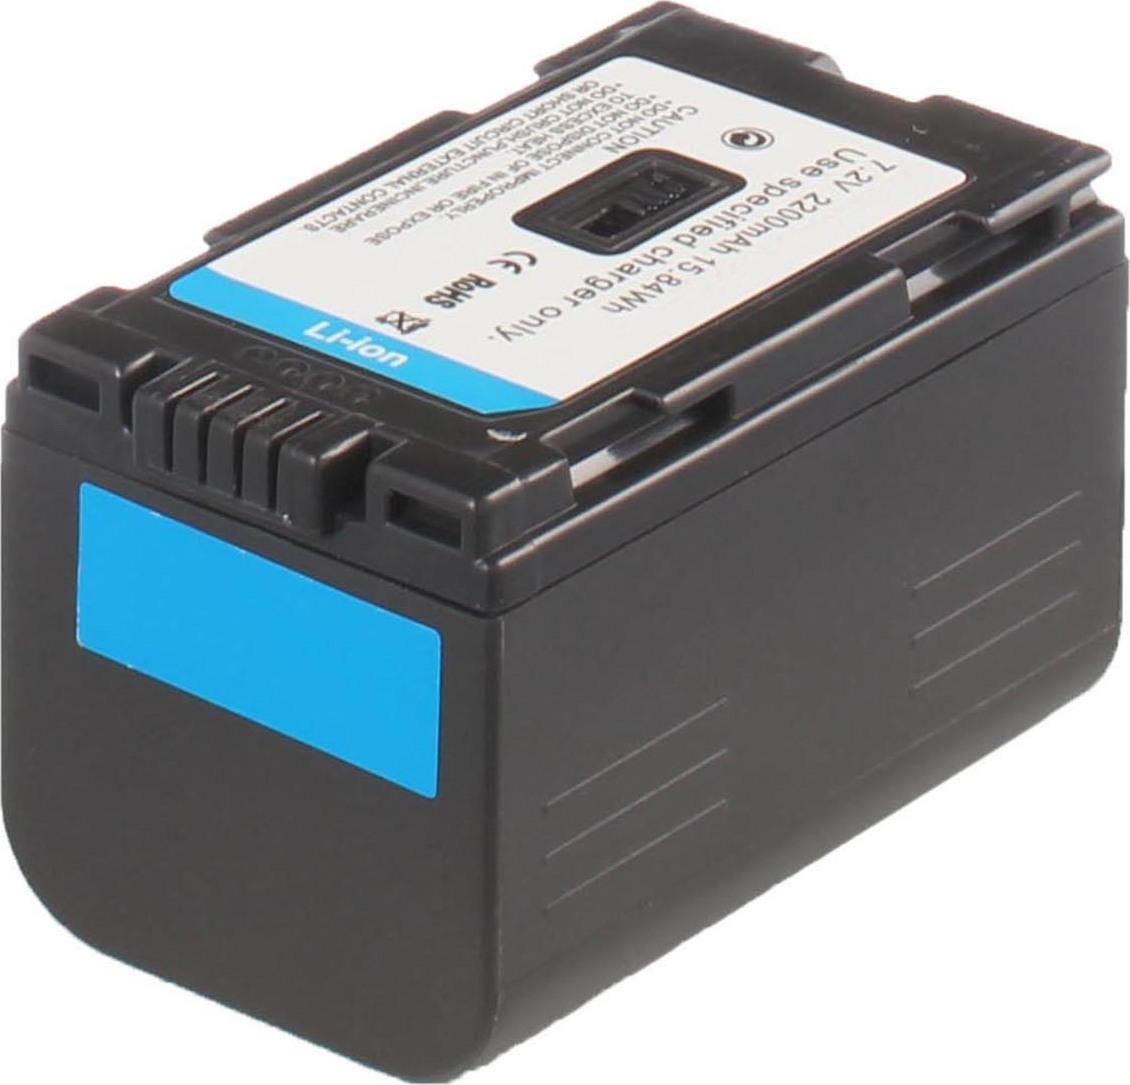 Аккумуляторная батарея iBatt iB-T2-F315 2200mAh для камер Panasonic NV-DS15, NV-DS50, AG-DVC30, AG-DVX100B, NV-GS3, AG-DVC60E, AG-DVC80, AG-DVX100AE, NV-DS38, NV-DS25, NV-MX5000, PV-GS9, NV-C7, NV-DB1, NV-DS150, NV-DS15EN, NV-DS25EN, NV-DS29EG,